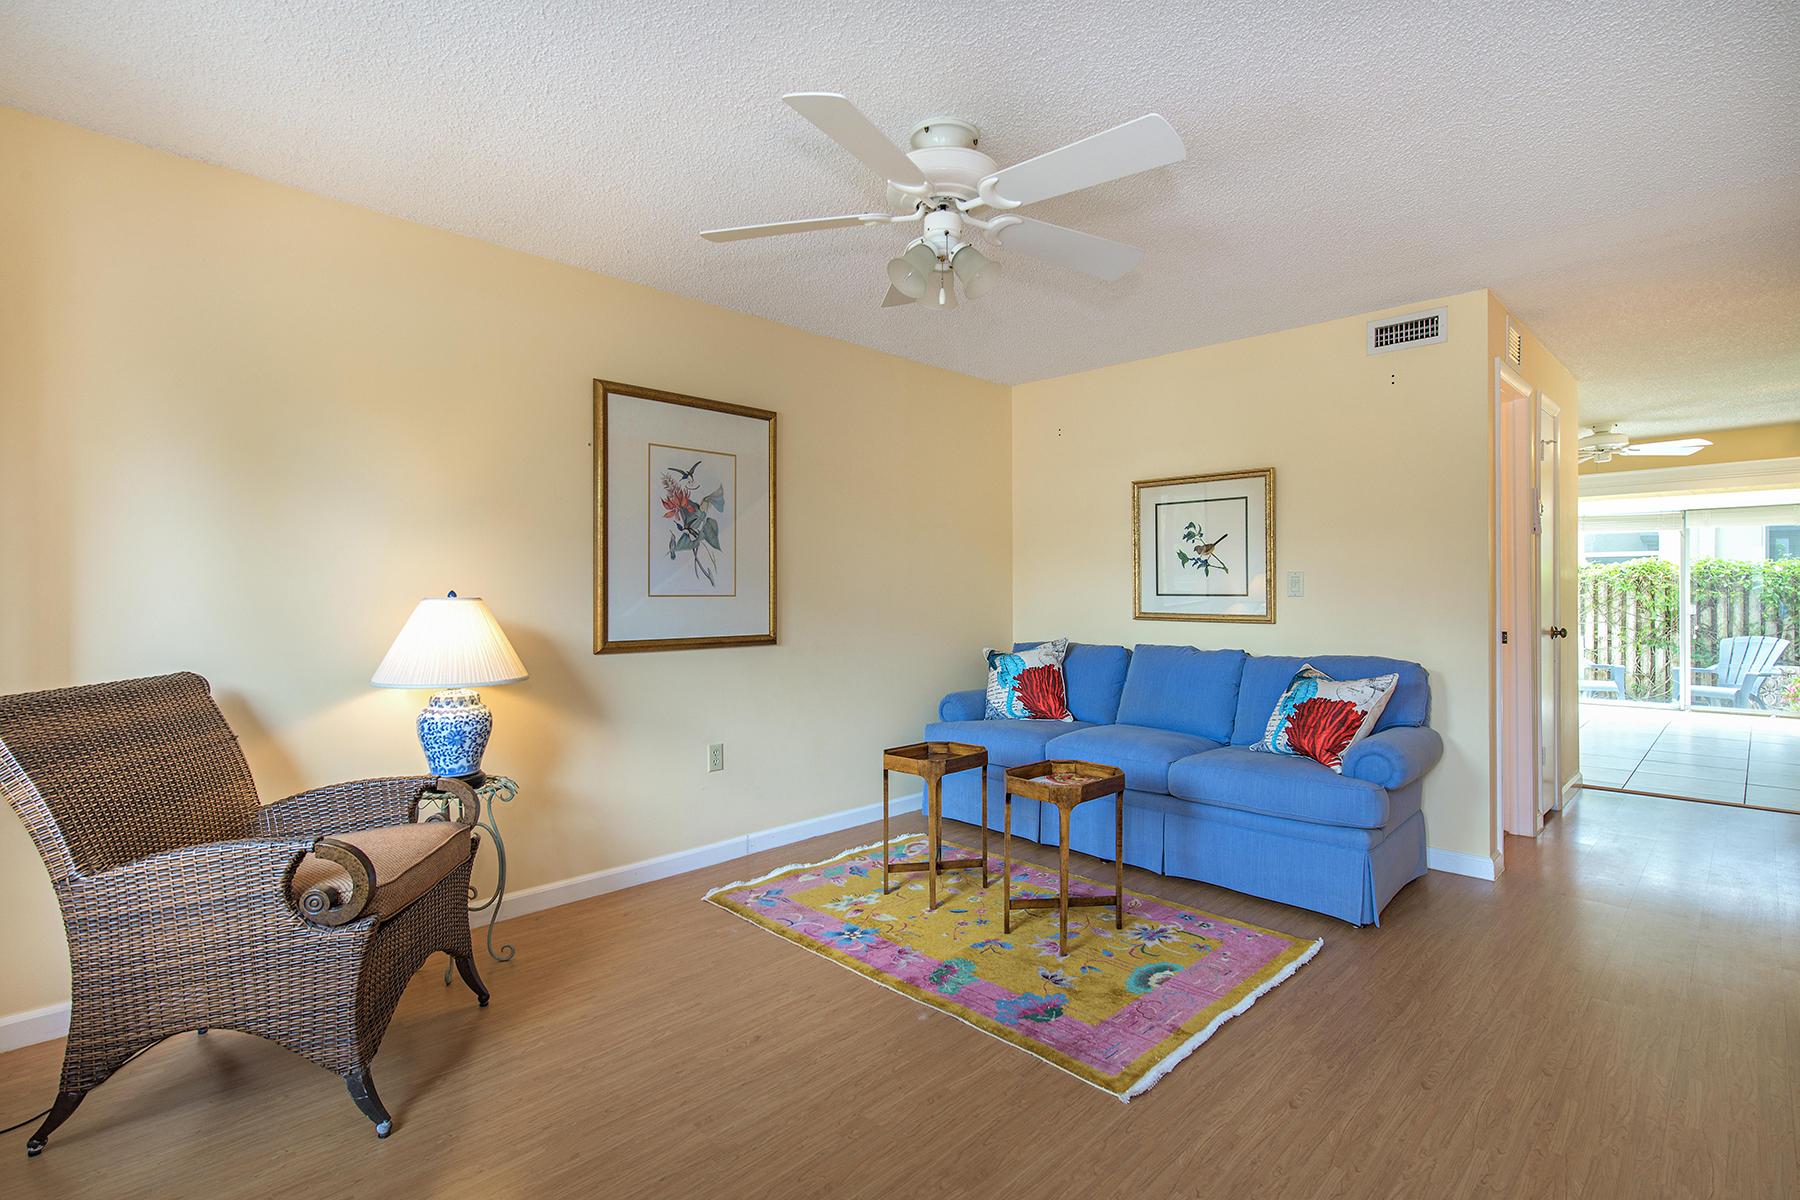 联栋屋 为 销售 在 OLDE NAPLES - ALCOSA 296 4th Ave S 296 Naples, 佛罗里达州 34102 美国